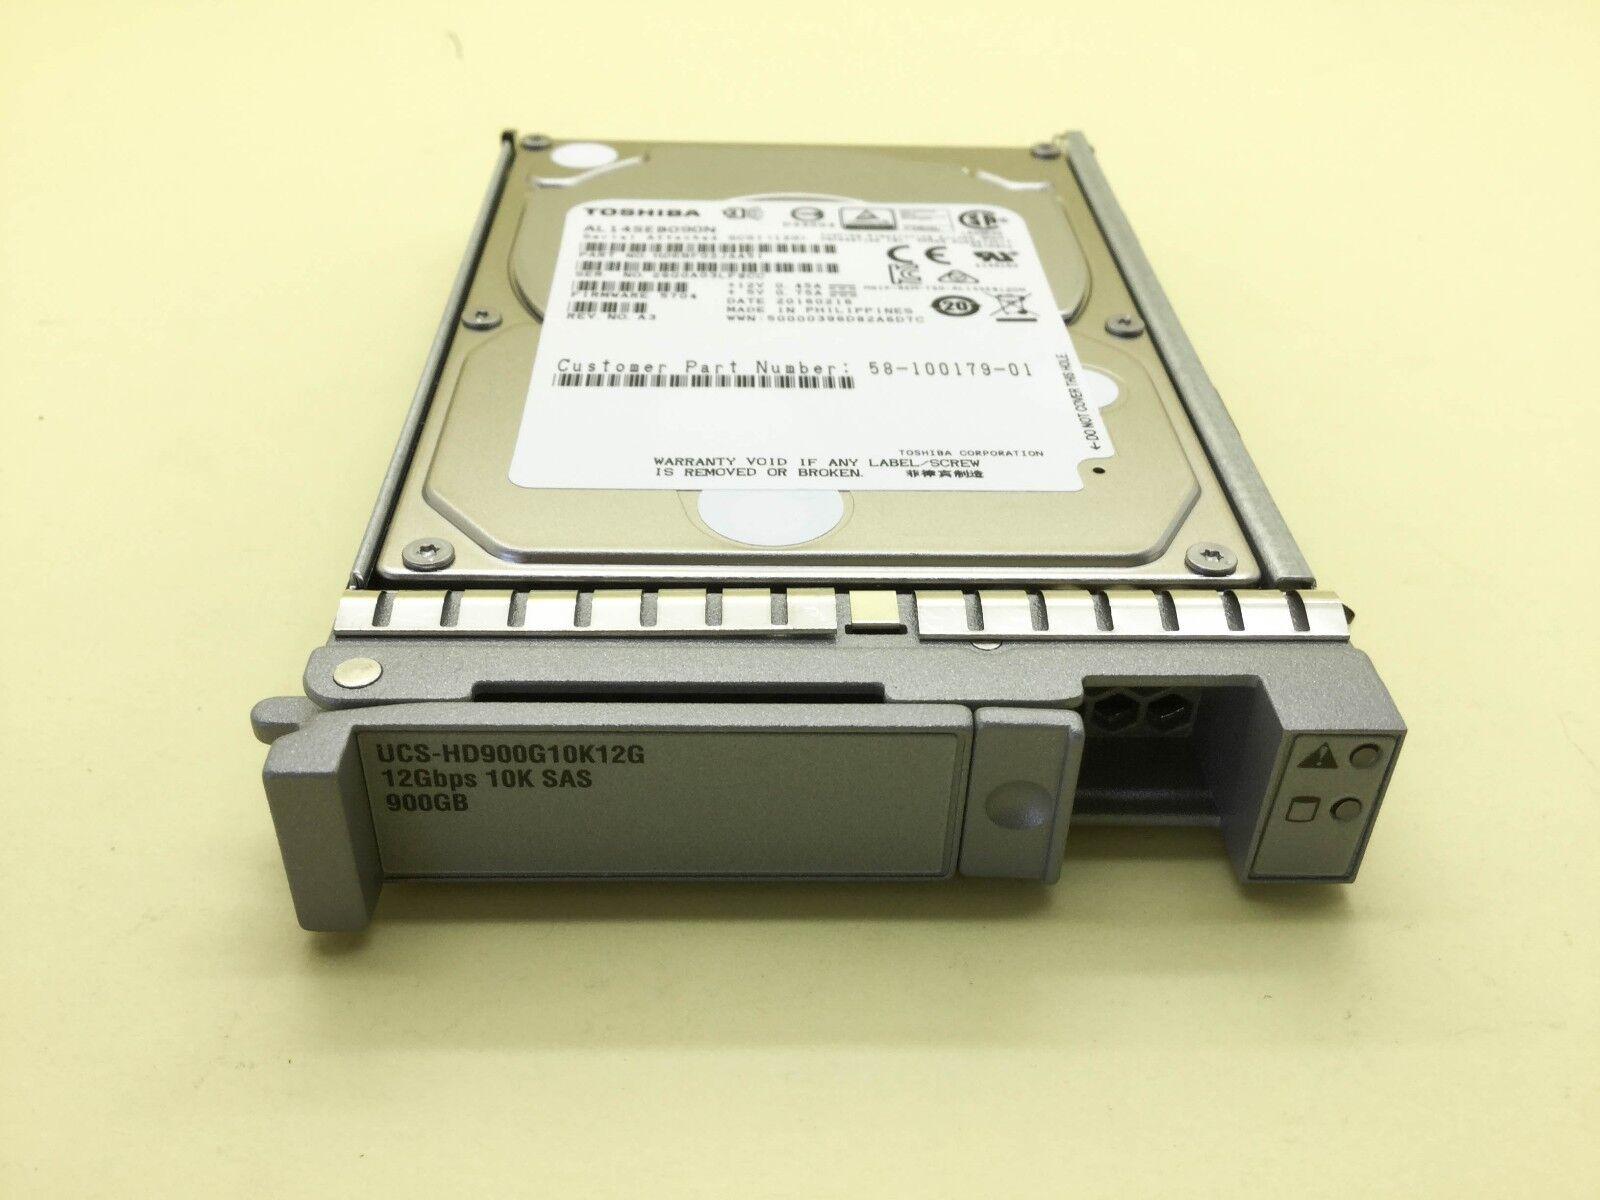 """Cisco UCS-HD900G10K12G Seagate 900GB HDD Hard Drive 10K SAS 2.5/"""" 12Gb//s"""